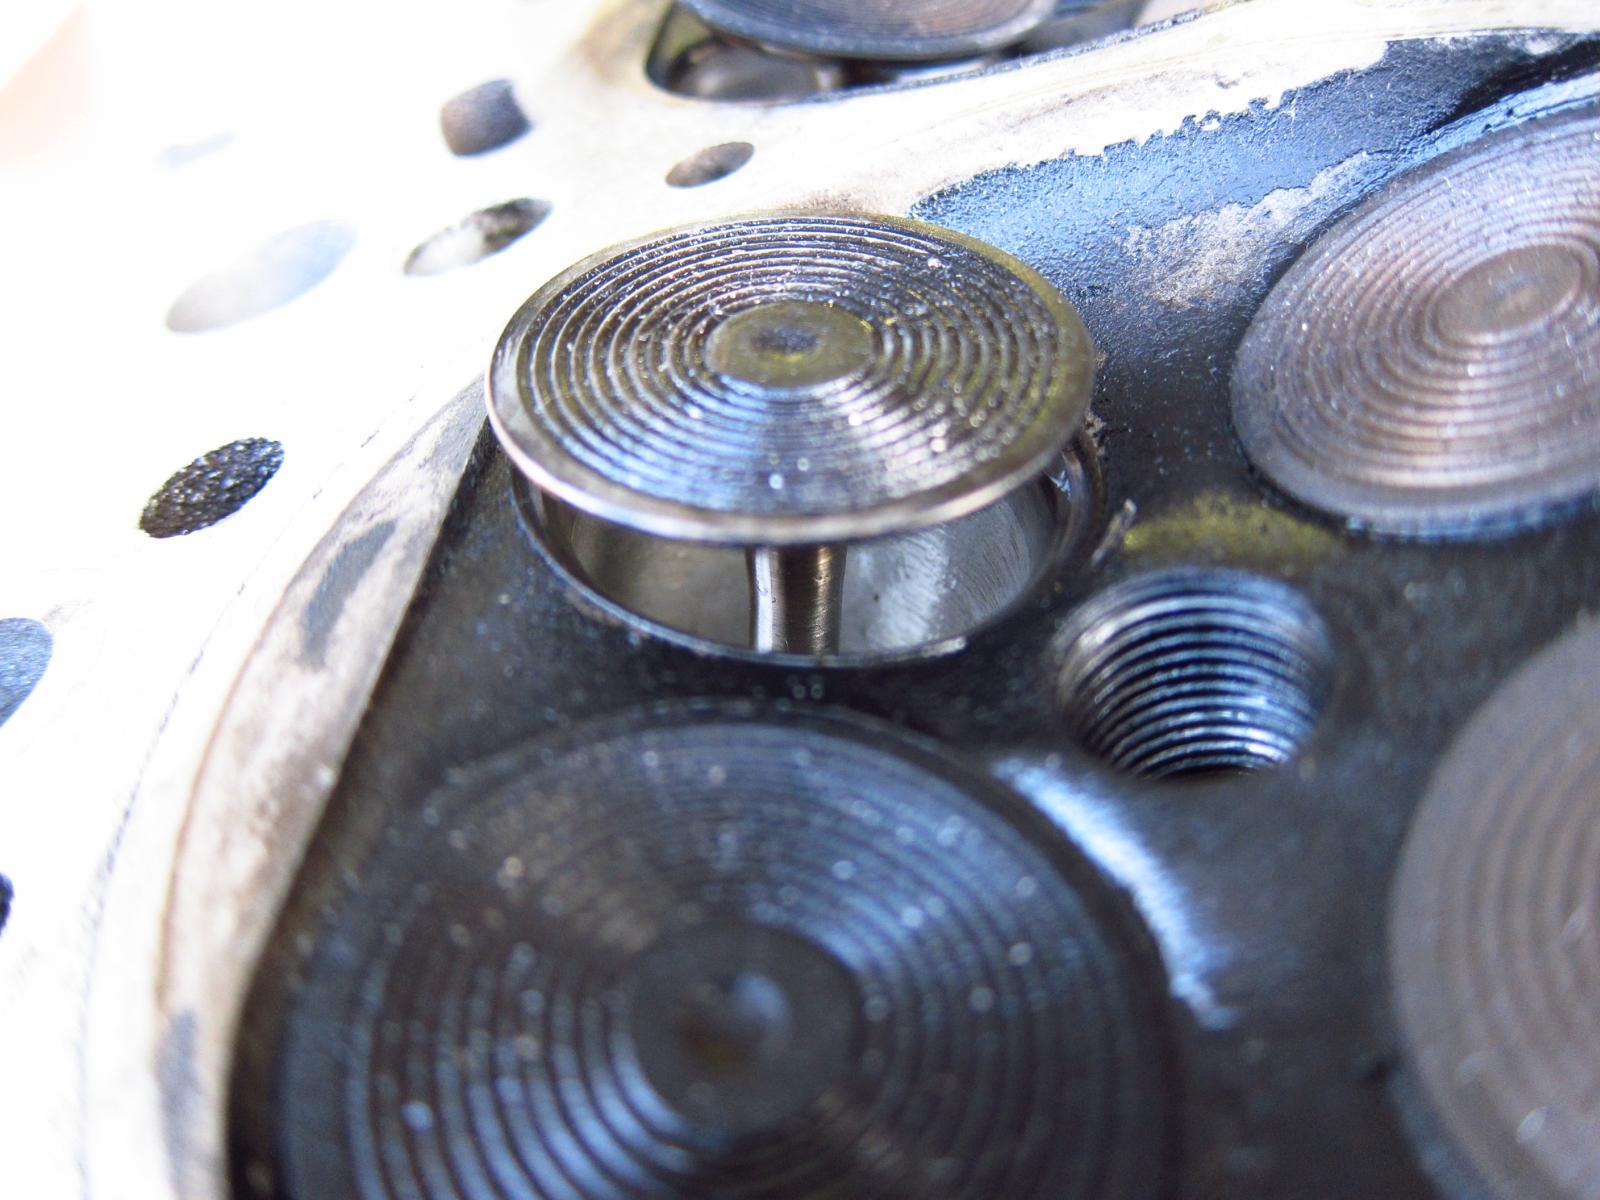 Pinched Piston Ring Damage